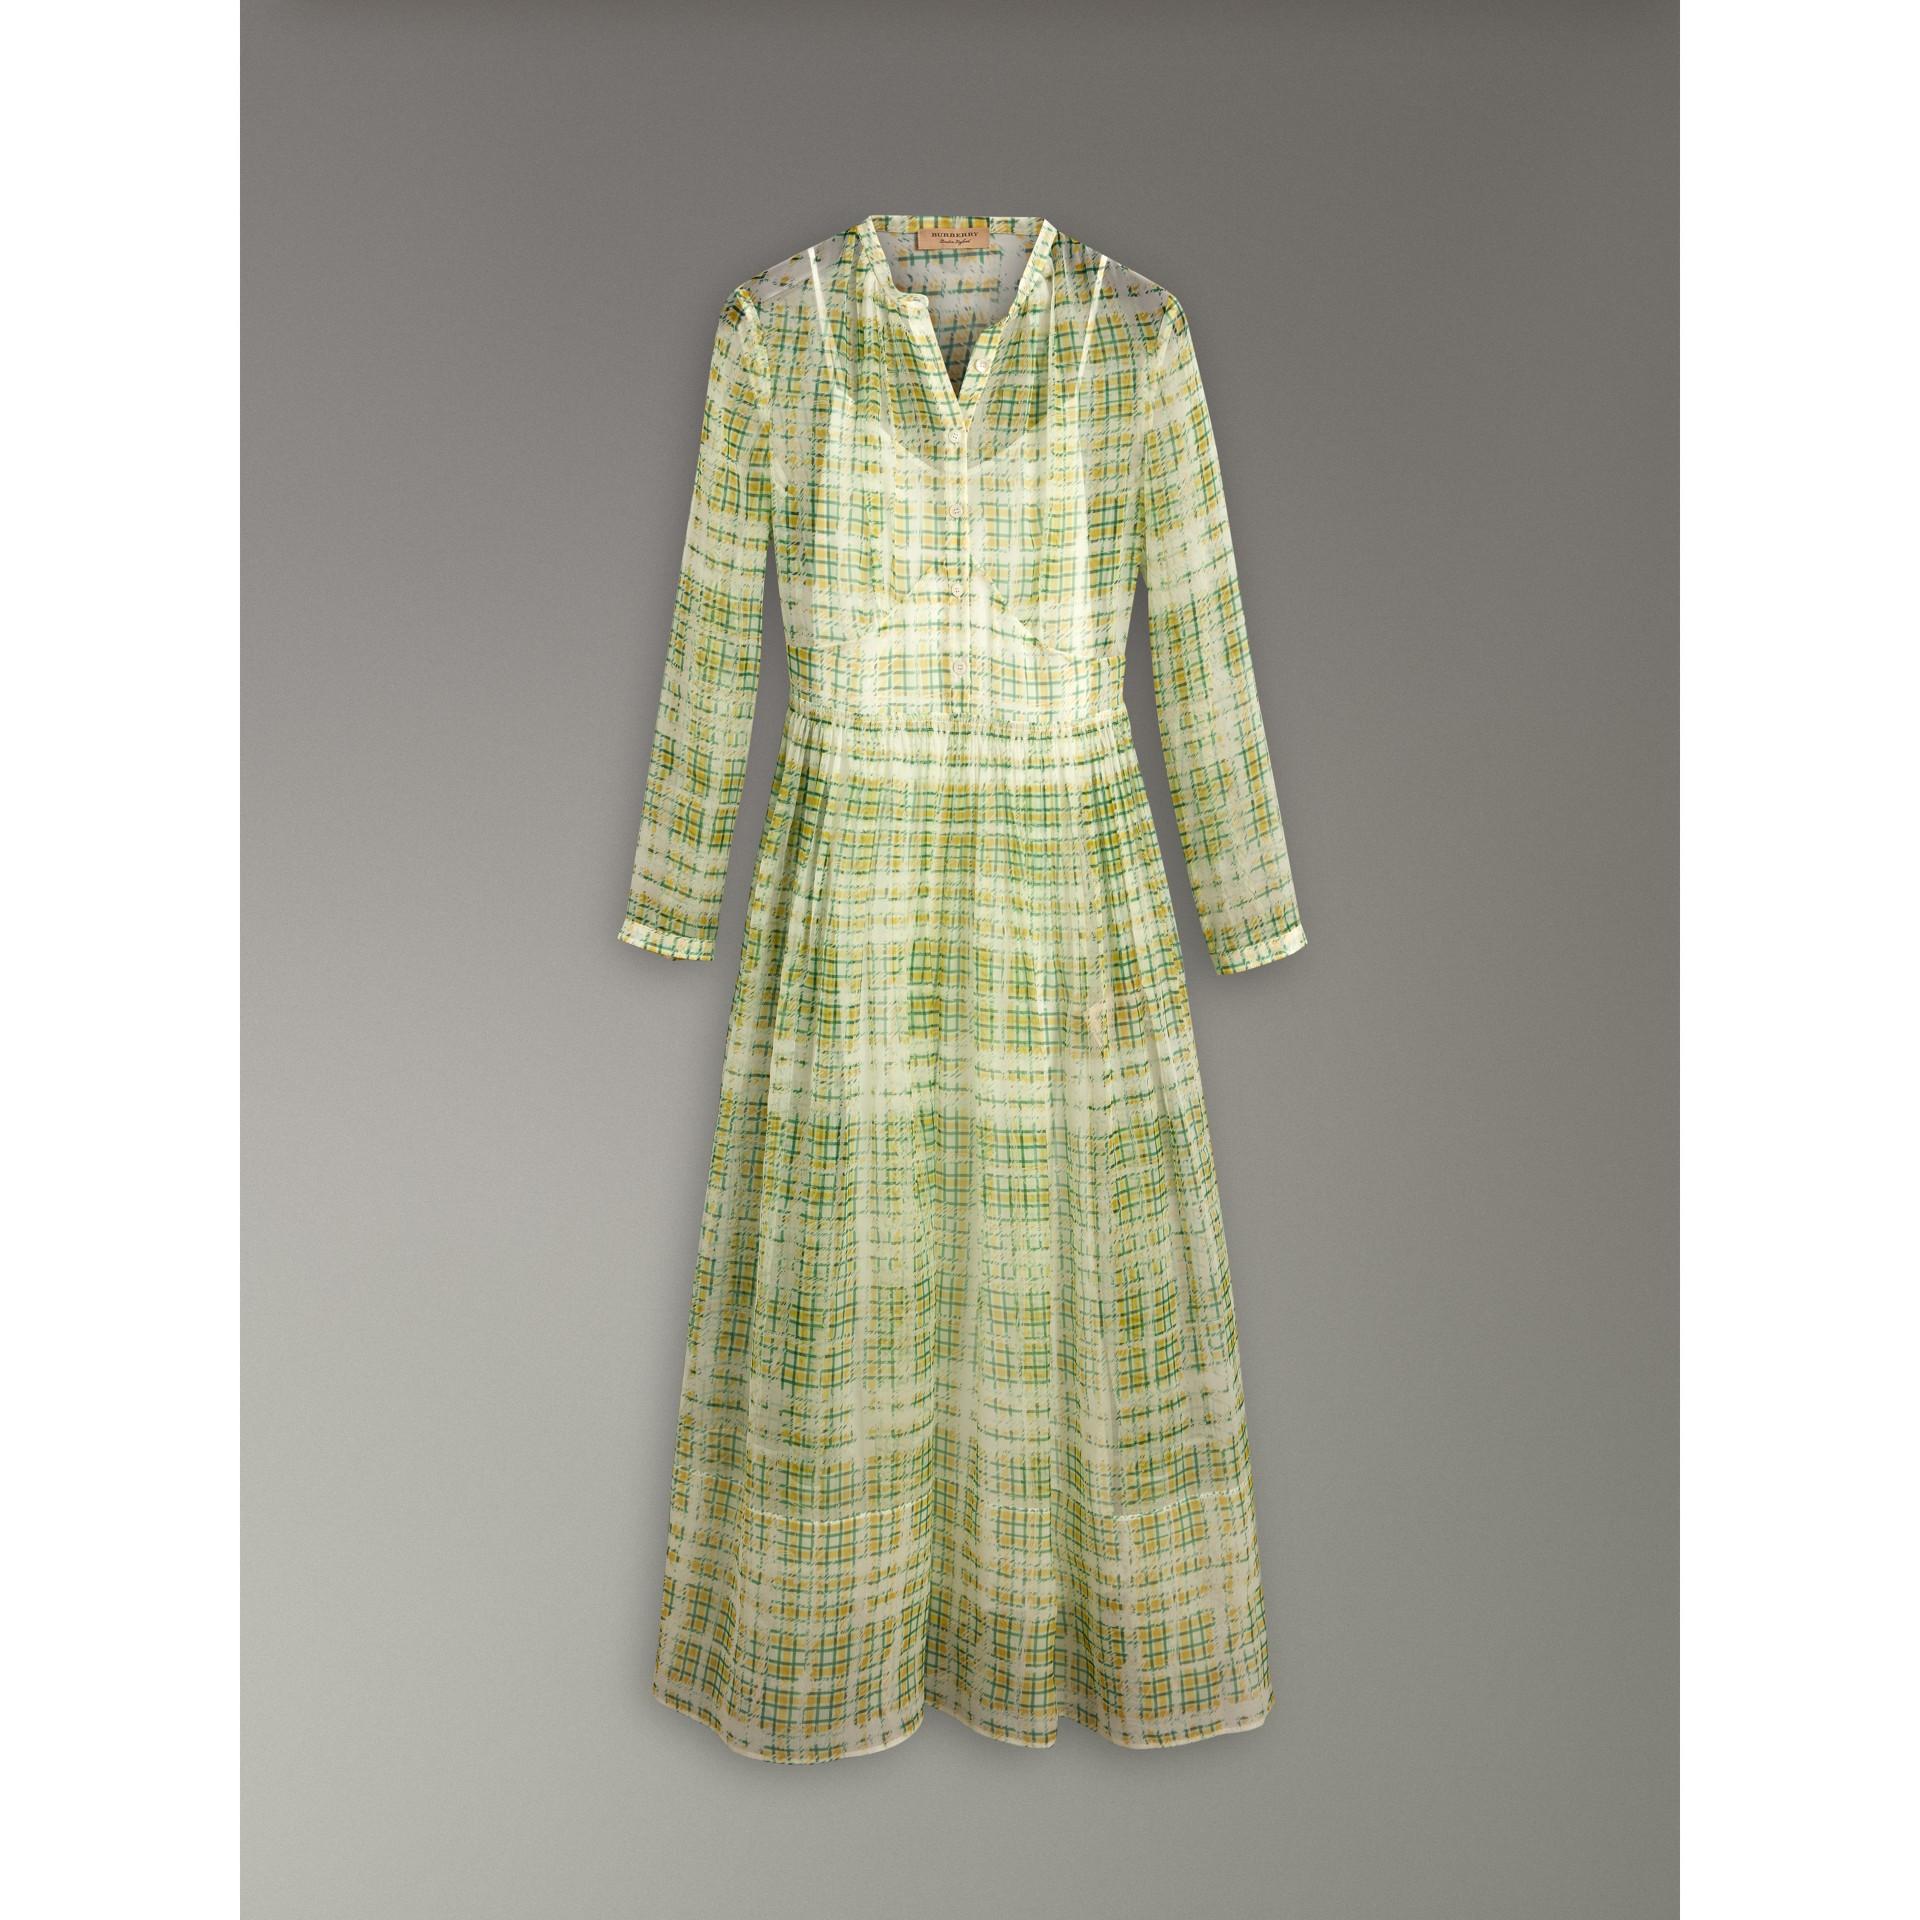 Robe en soie imprimée à motif check griffonné (Jaune) - Femme | Burberry - photo de la galerie 3